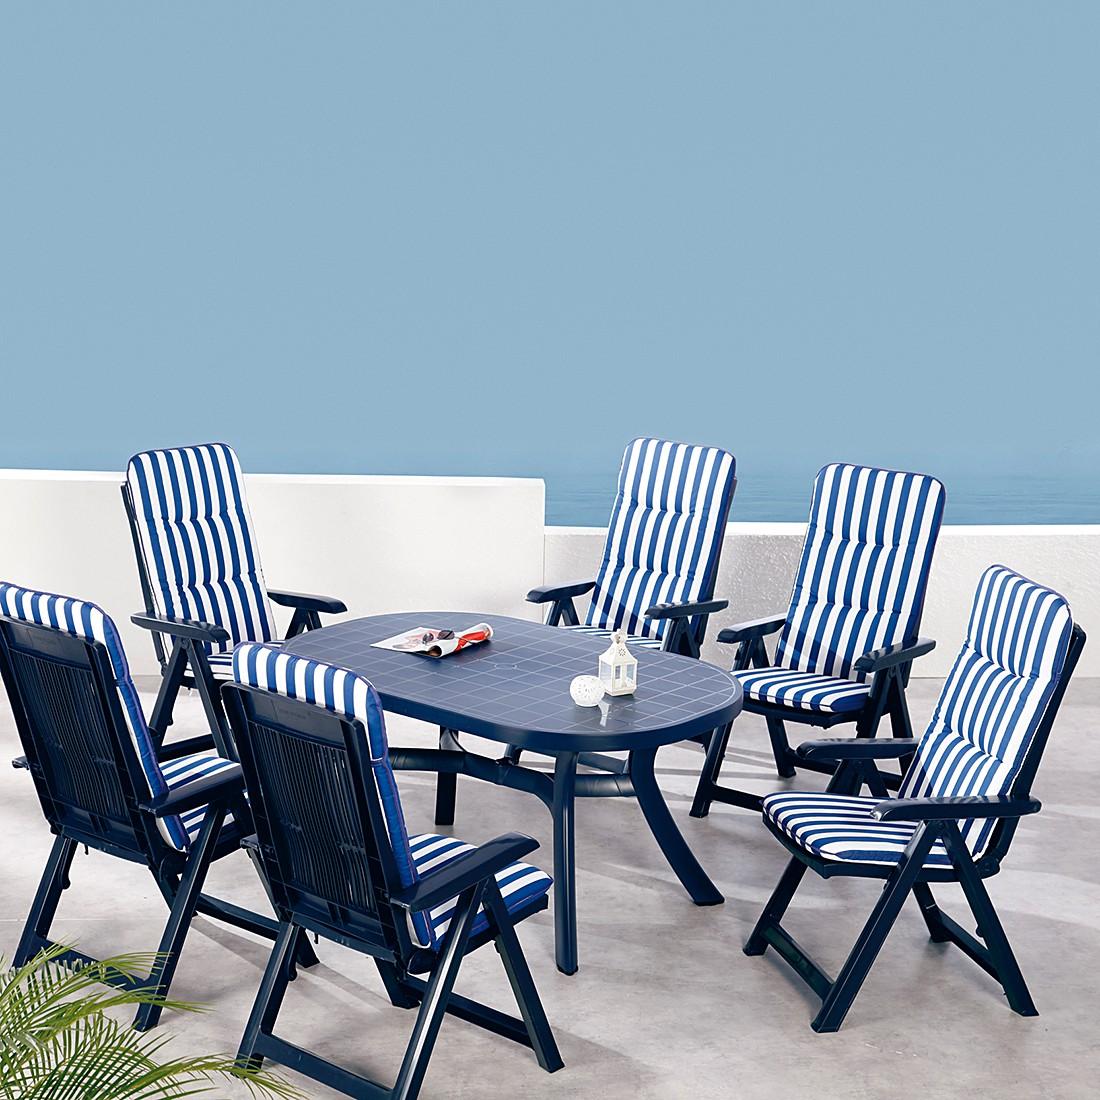 Komplett-Set Santiago 13-teilig (inkl. Auflagen) – Kunststoff/Textil – Blau/Blau-Weiß gestreift, Best Freizeitmöbel jetzt bestellen